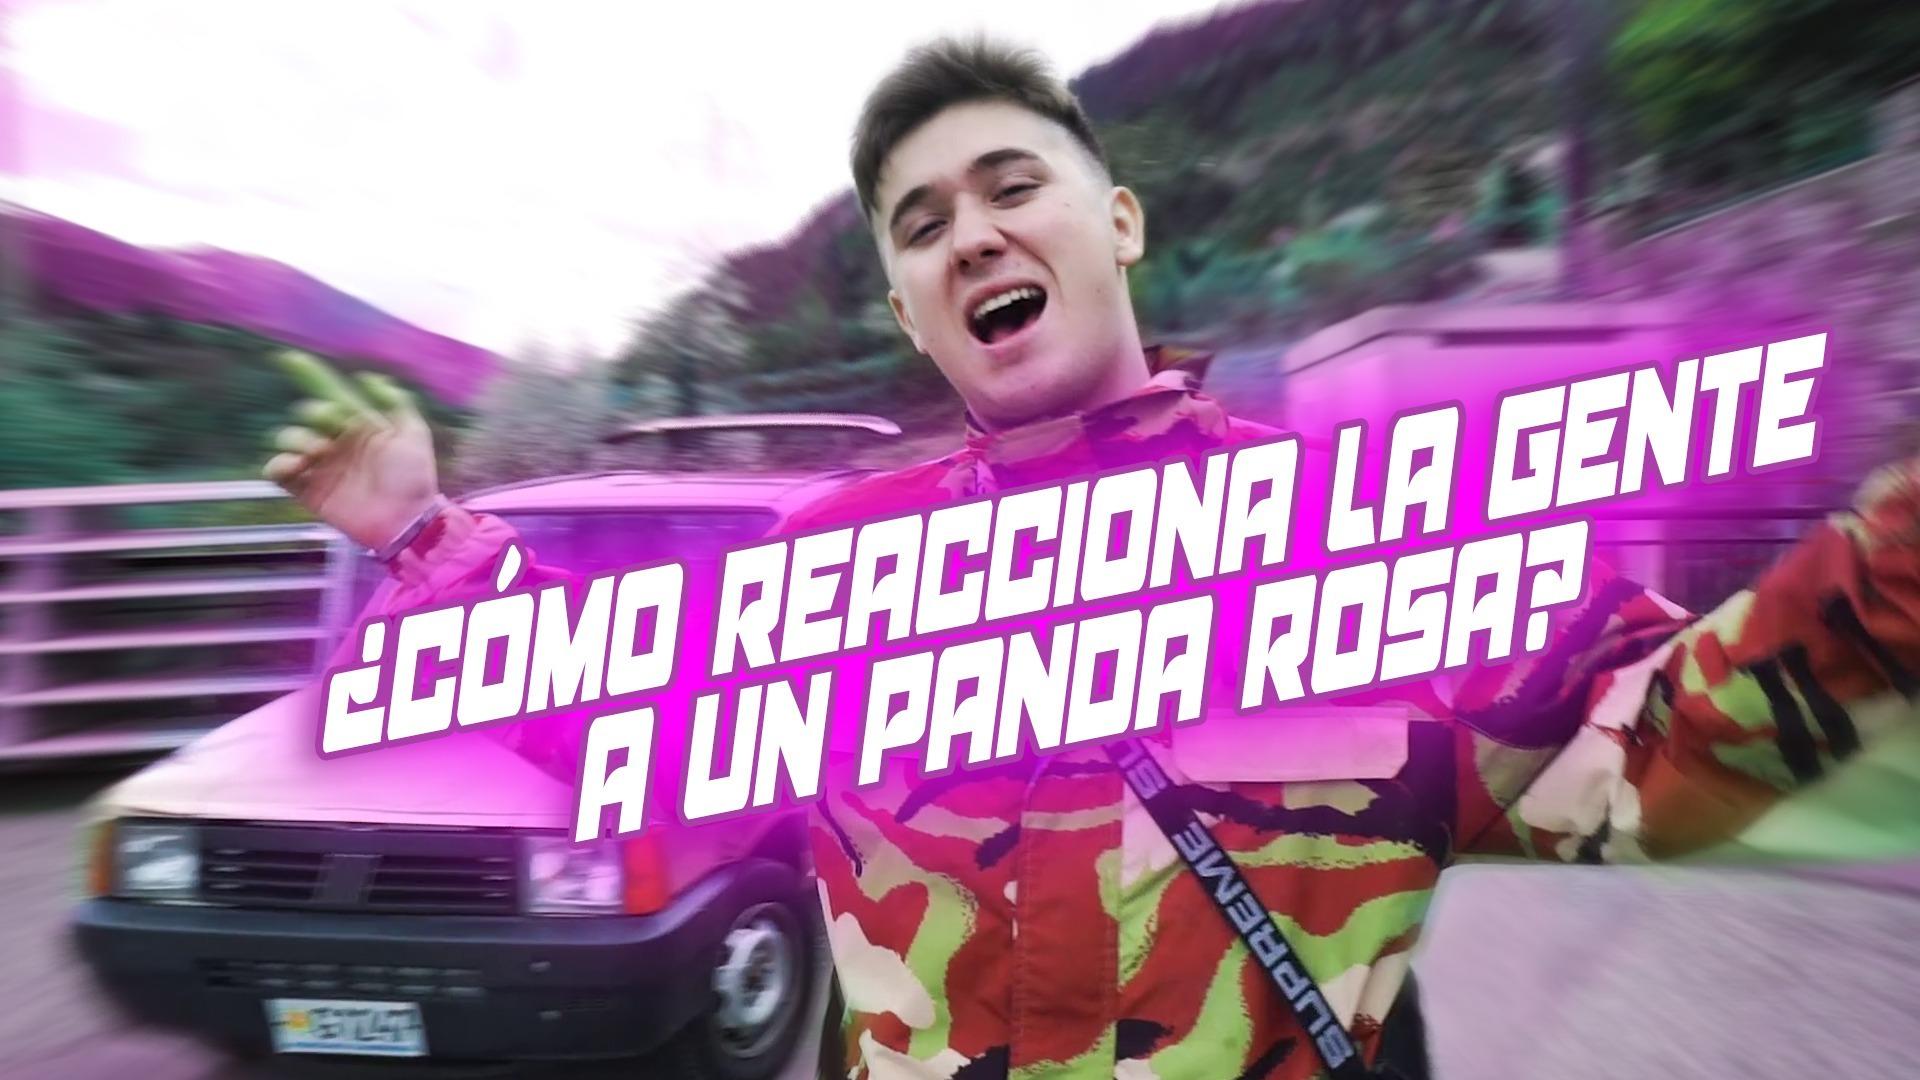 T6 Squad Cómo reacciona la gente a un panda rosa | TheShooterCoC